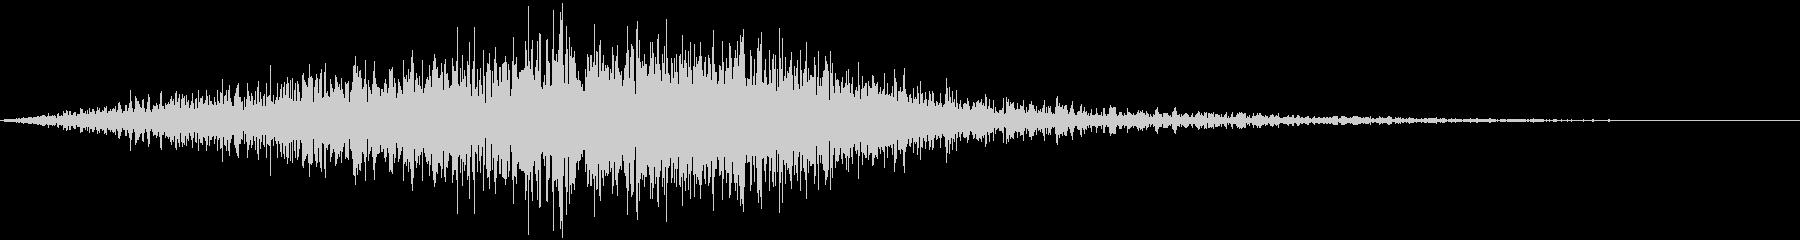 トランジション FX_19の未再生の波形